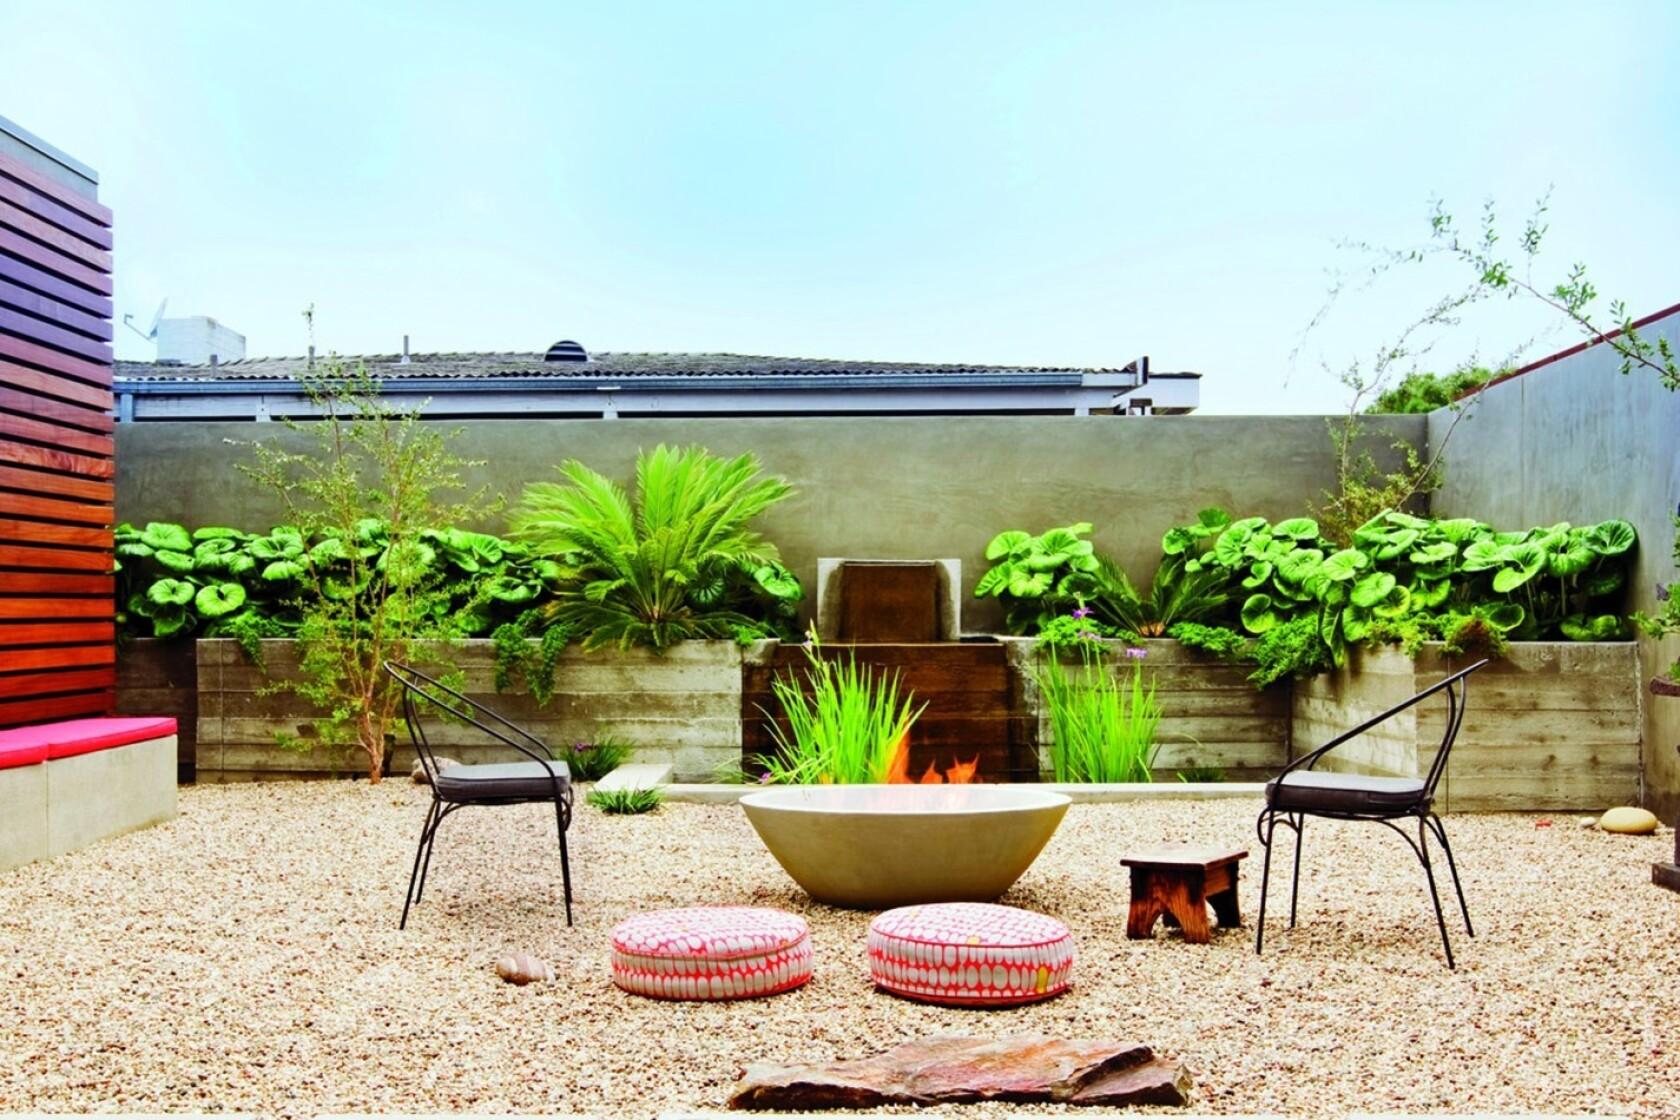 Sunset updates its garden design advice in 'Western Garden ... on